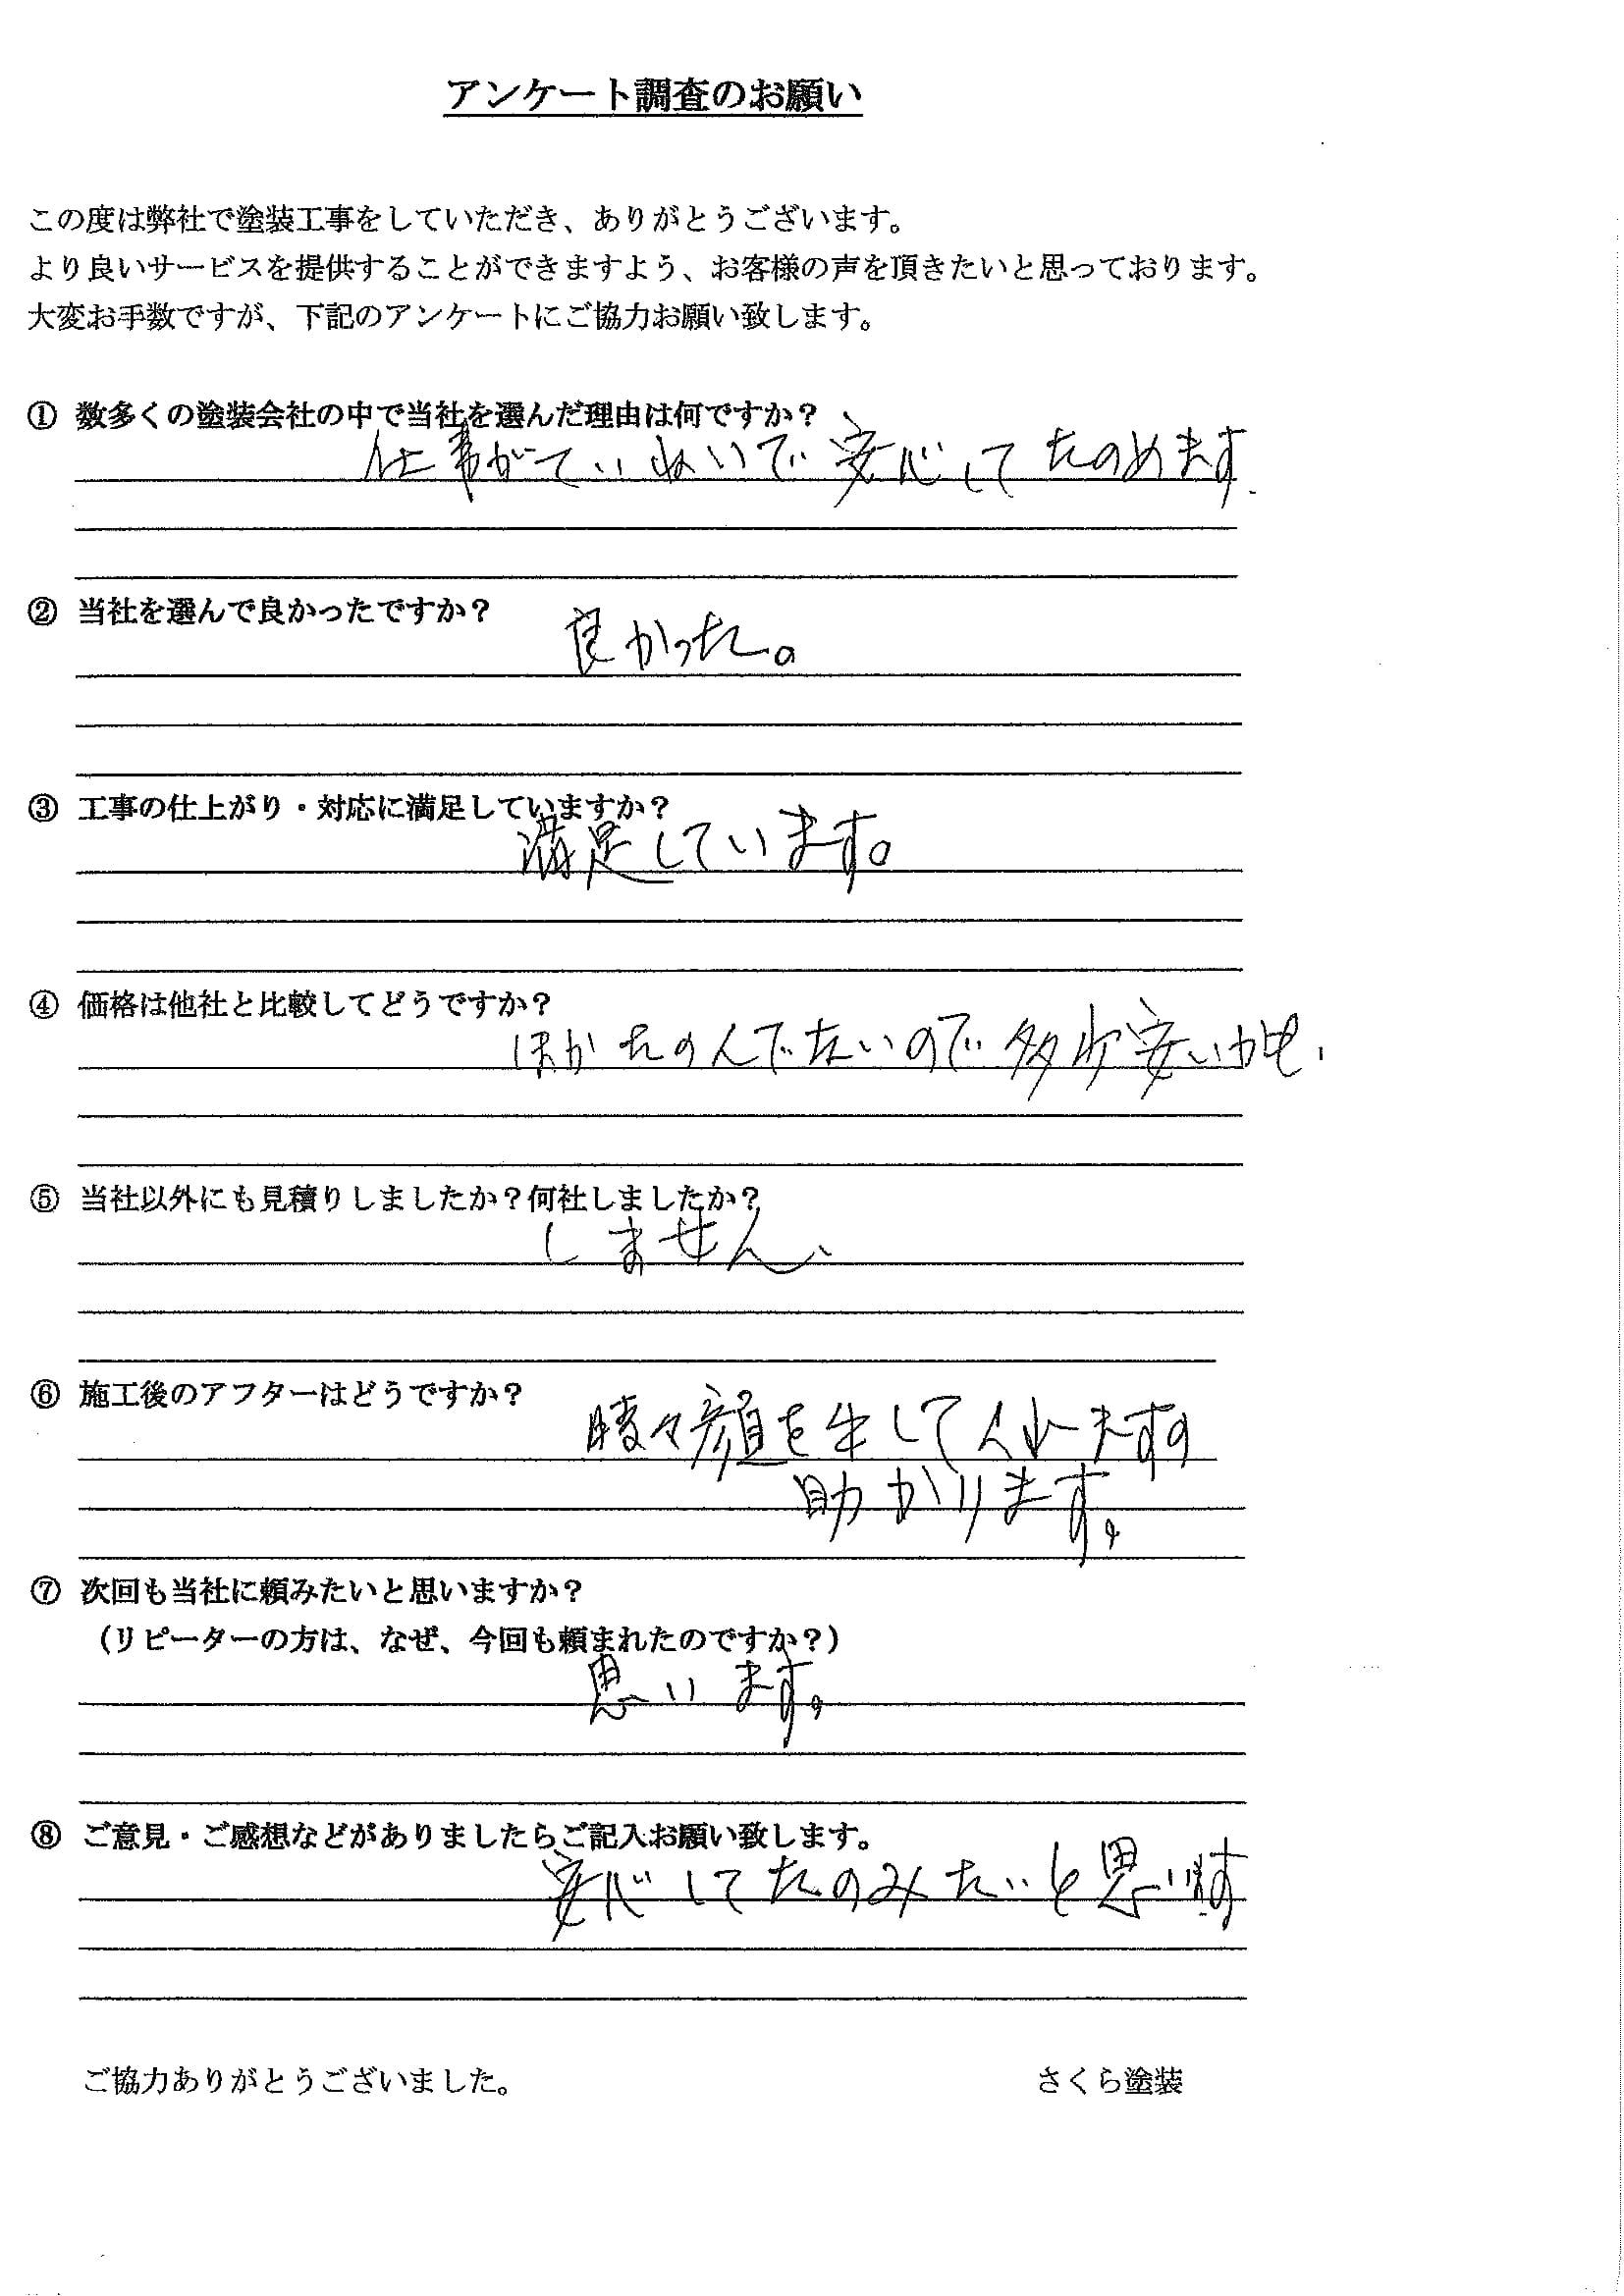 さくら塗装 埼玉県春日部市_H様_外壁屋根塗装工事_評価